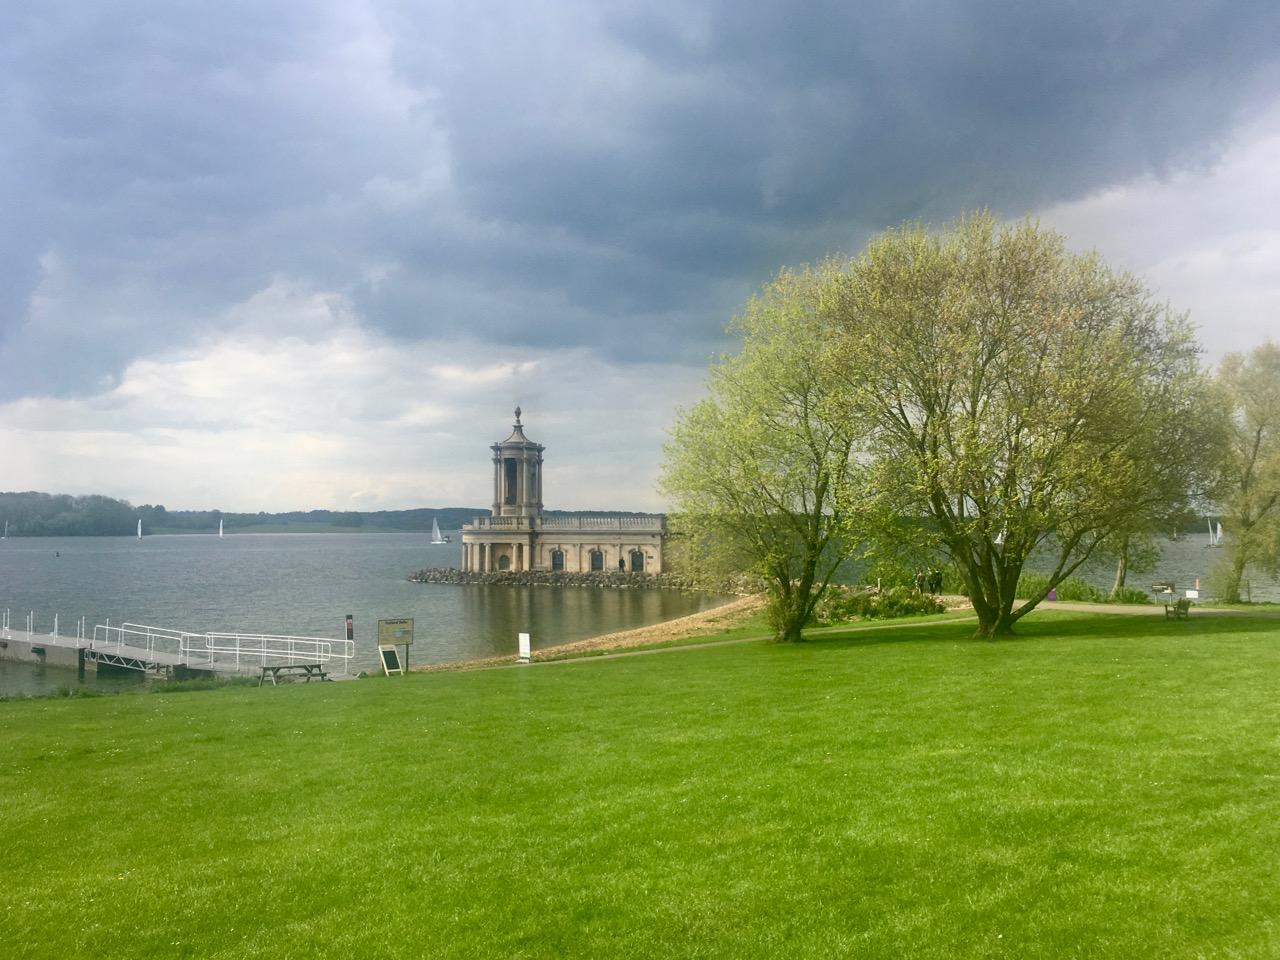 NORMANTON CHURCH AT RUTLAND WATER